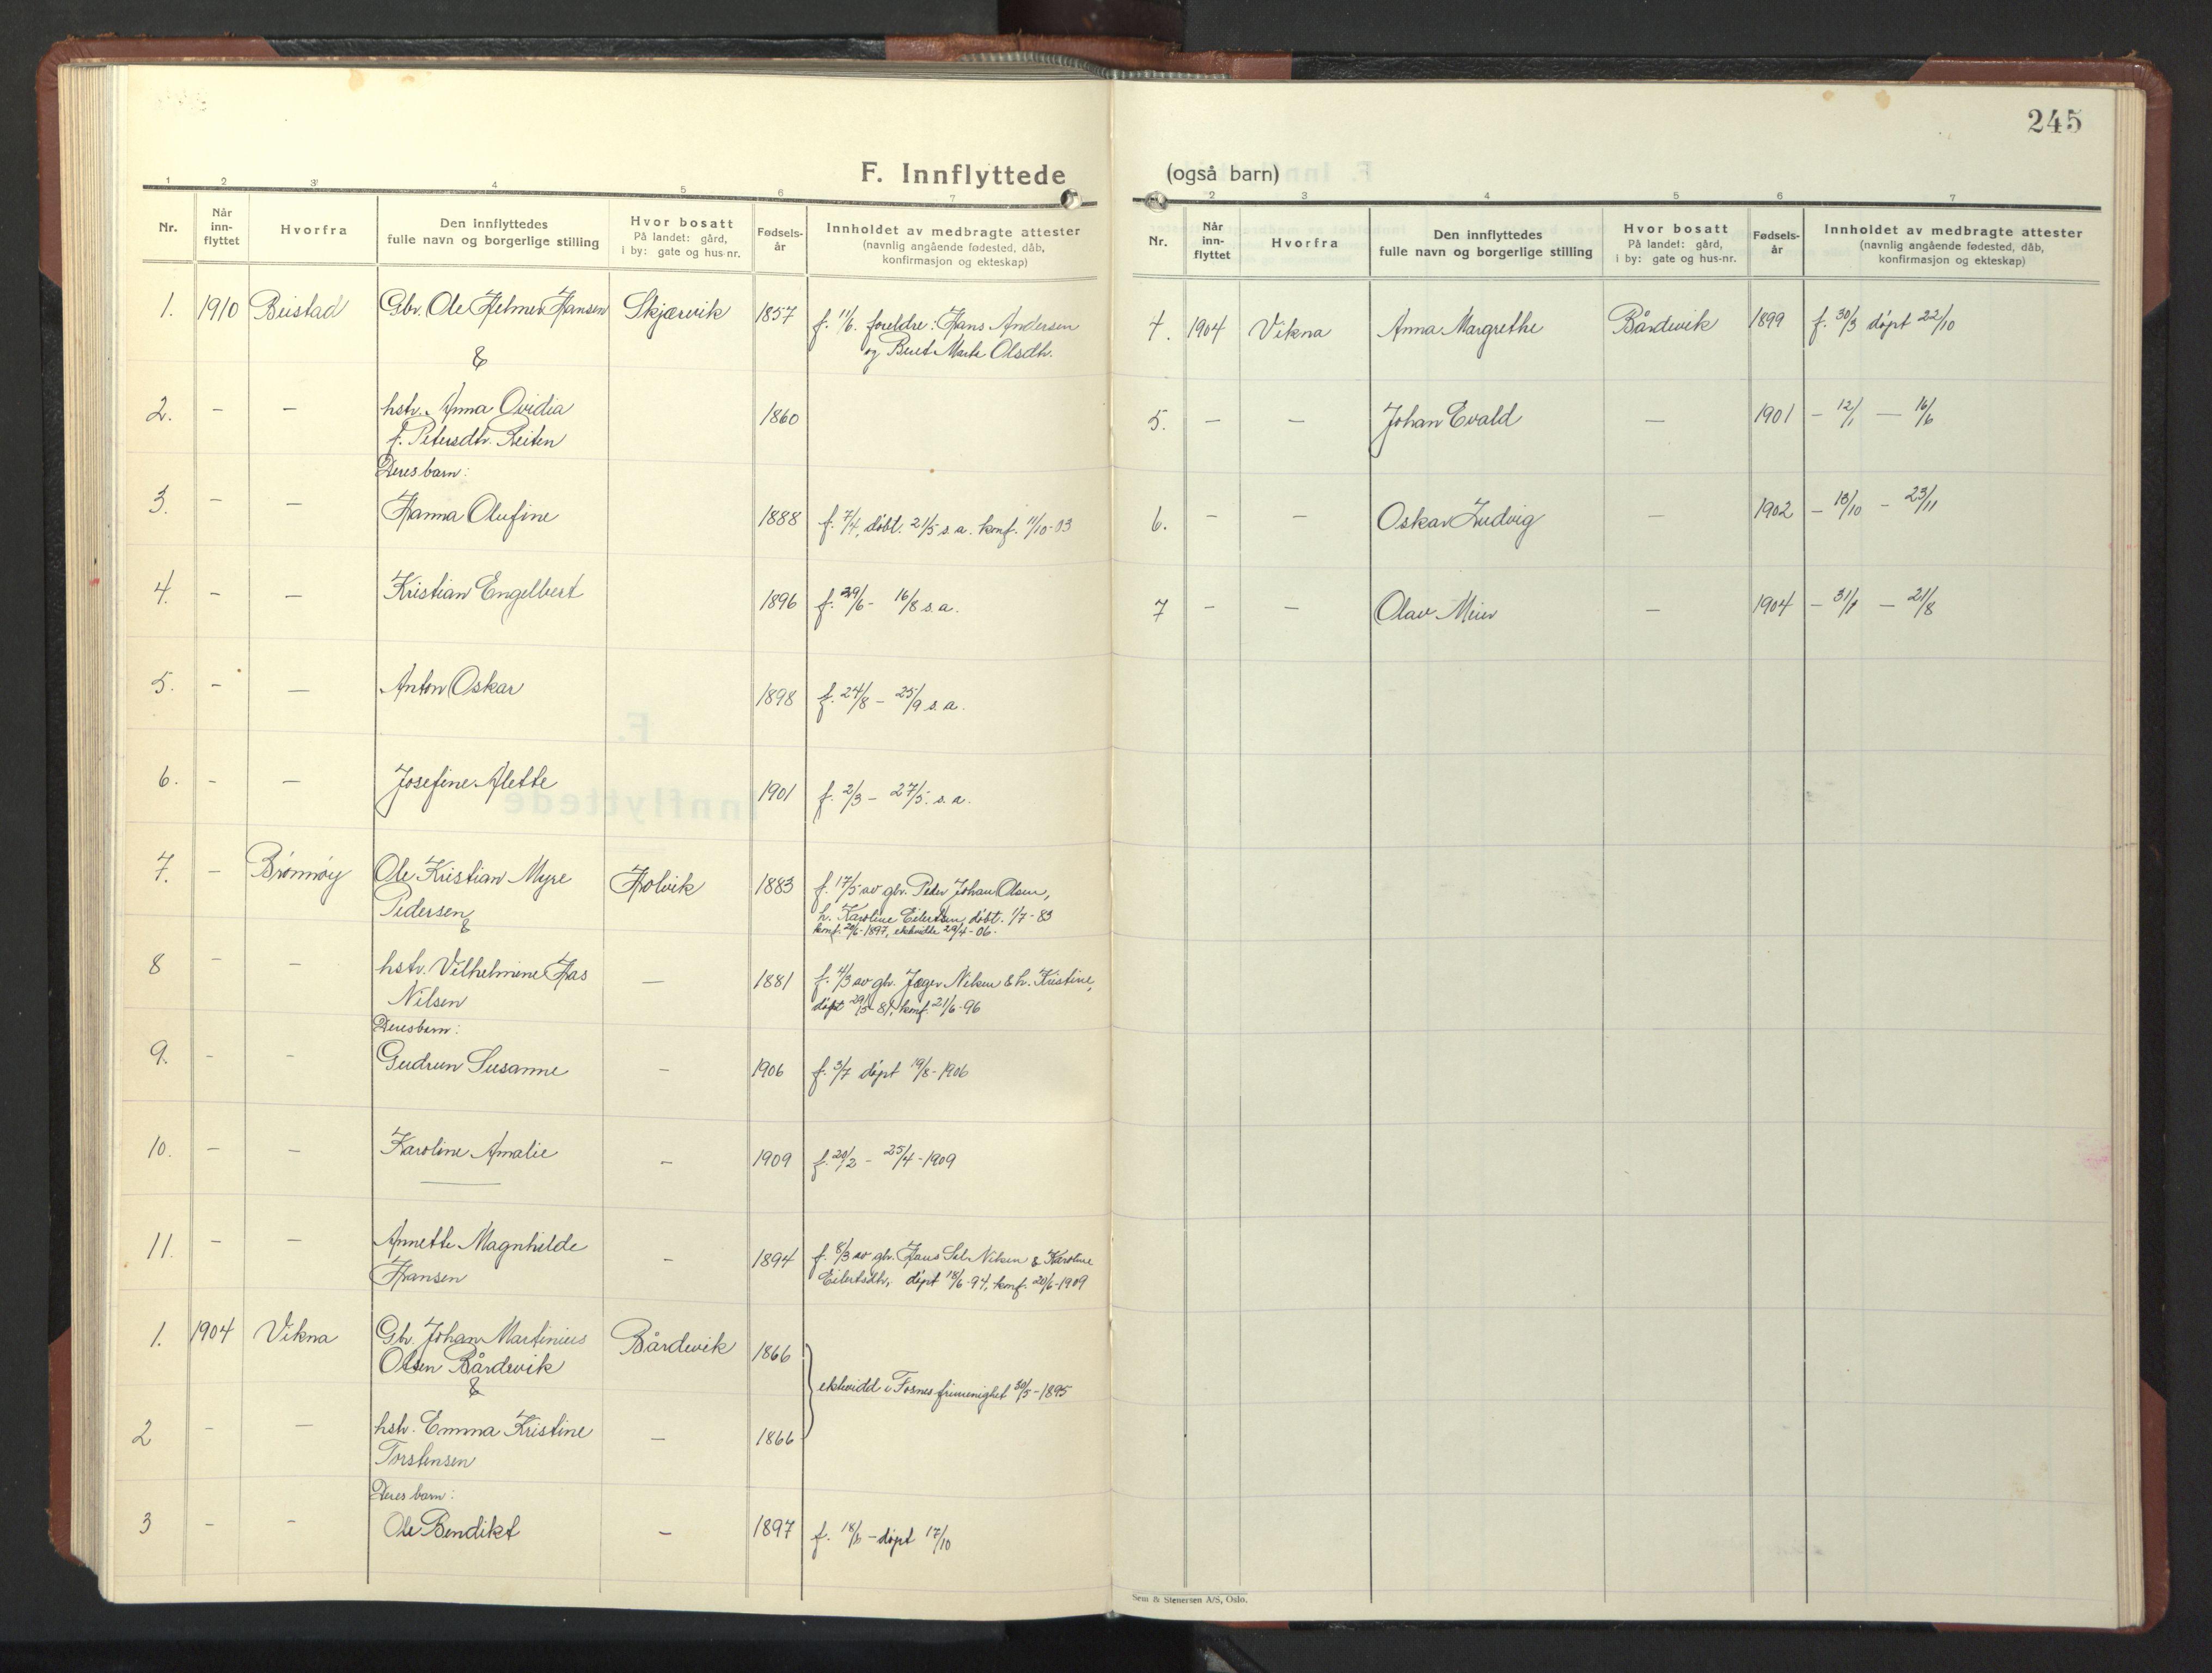 SAT, Ministerialprotokoller, klokkerbøker og fødselsregistre - Nord-Trøndelag, 773/L0625: Klokkerbok nr. 773C01, 1910-1952, s. 245